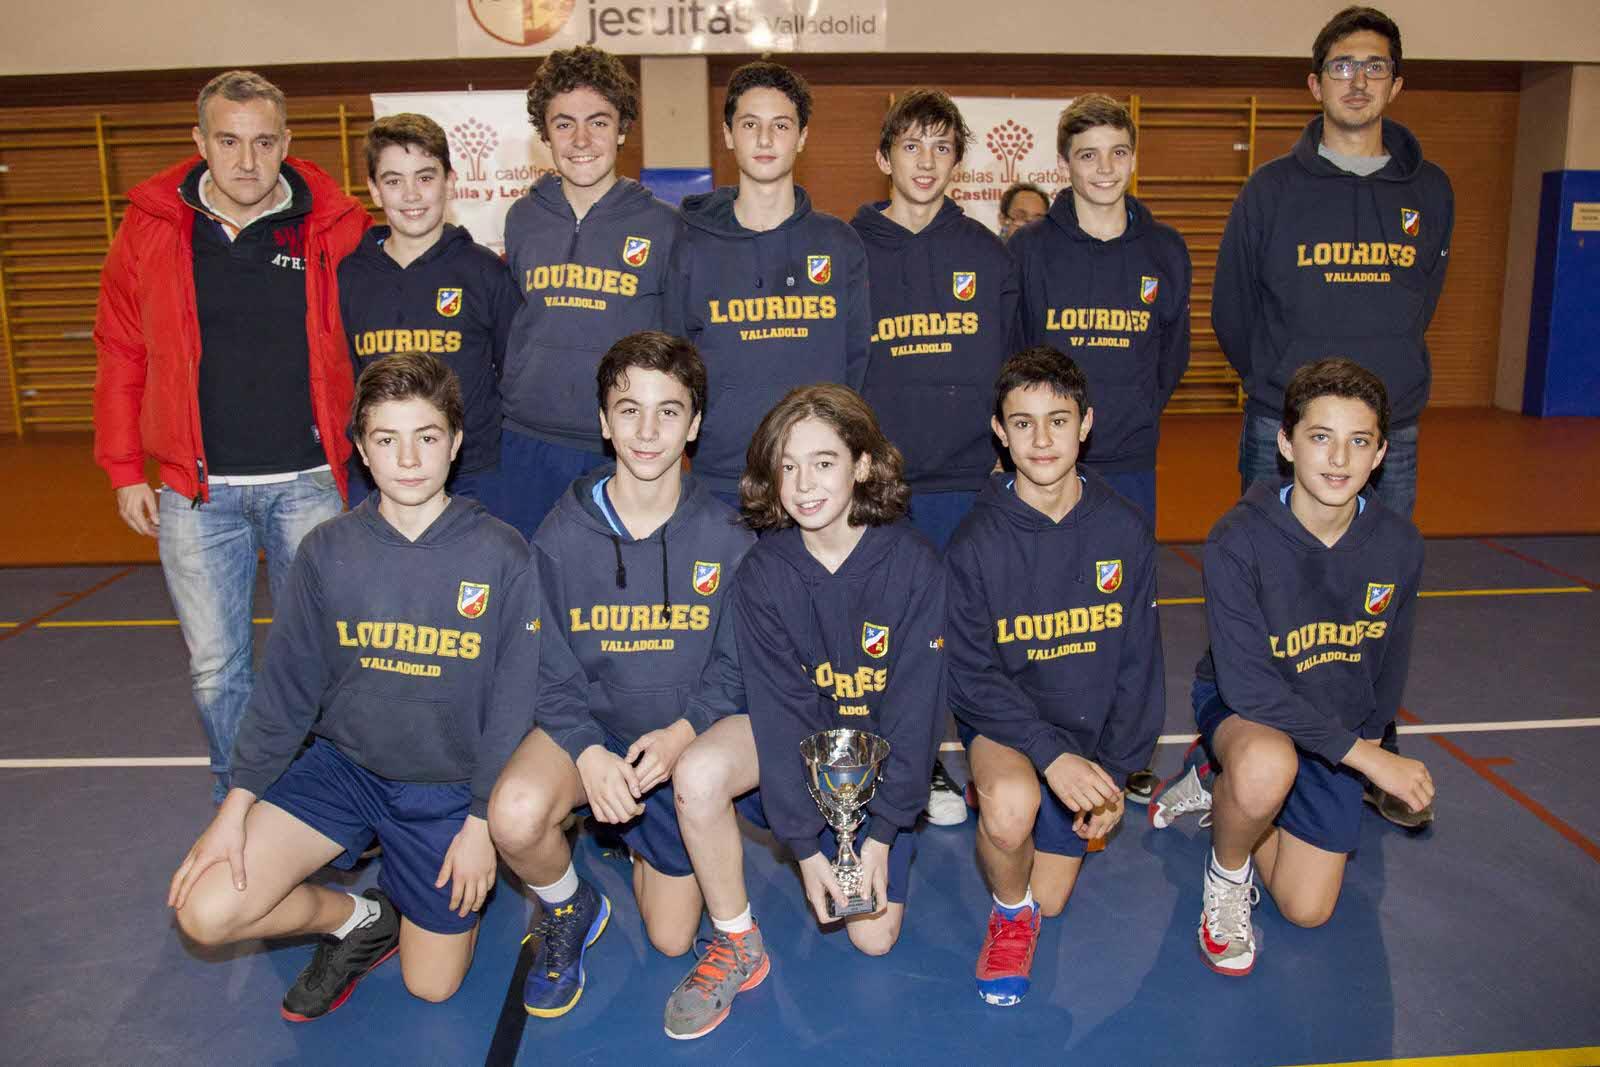 Colegio Lourdes (Valladolid), ganador en baloncesto masculino